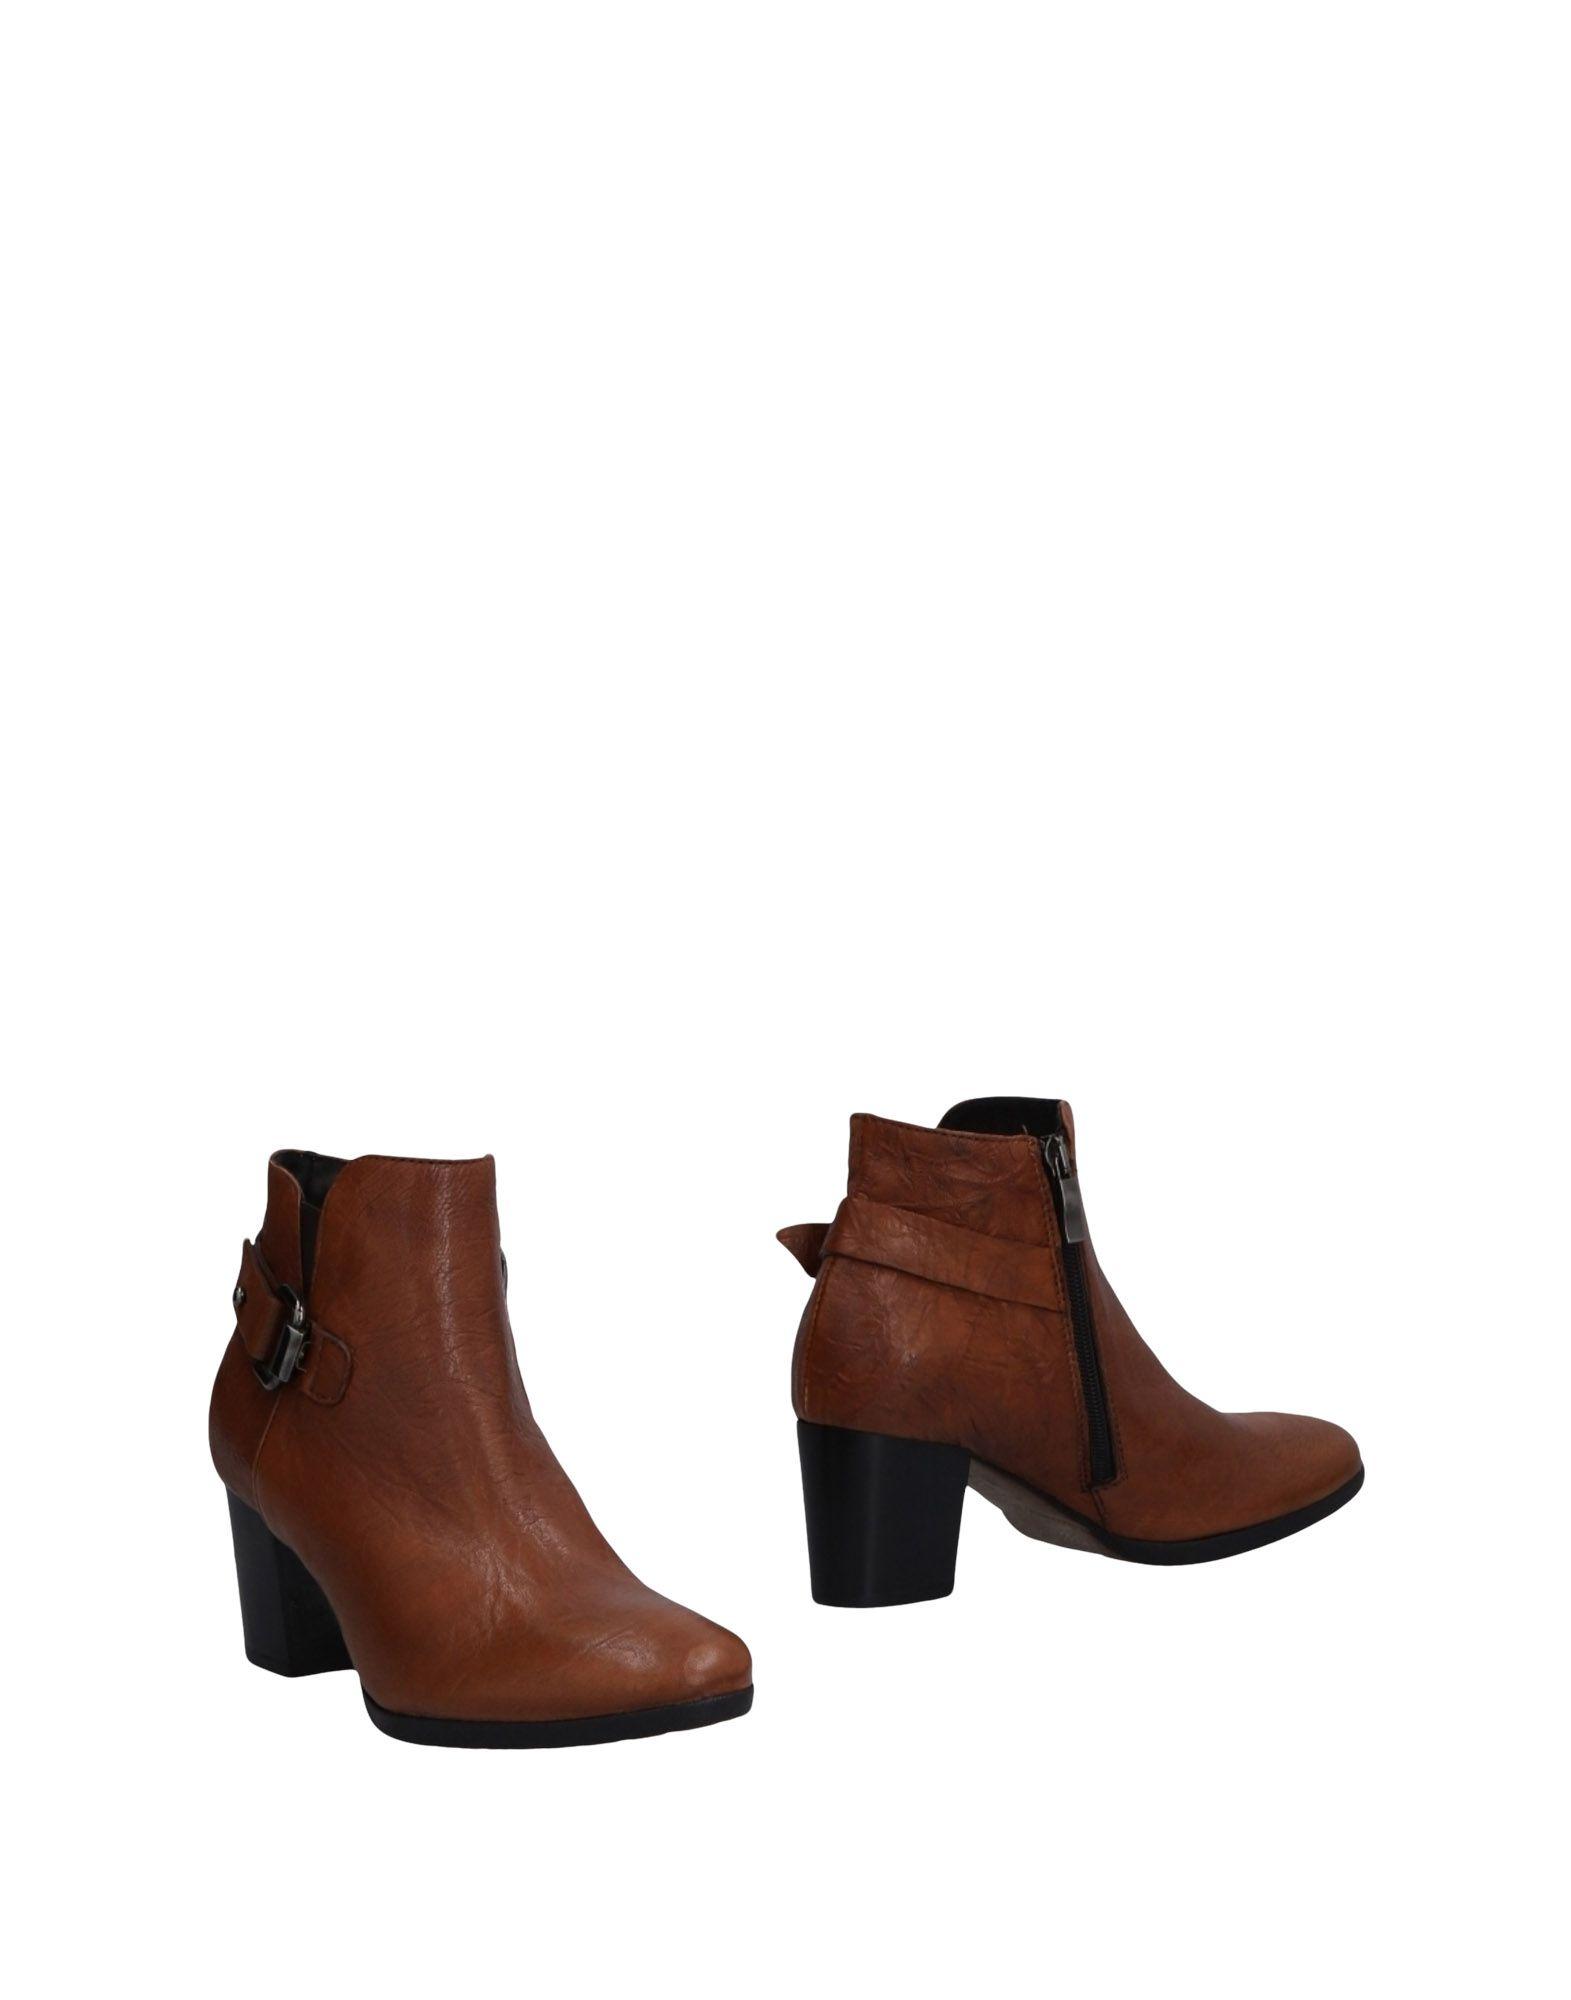 Mally Stiefelette Damen  11473259UT Gute Qualität beliebte Schuhe